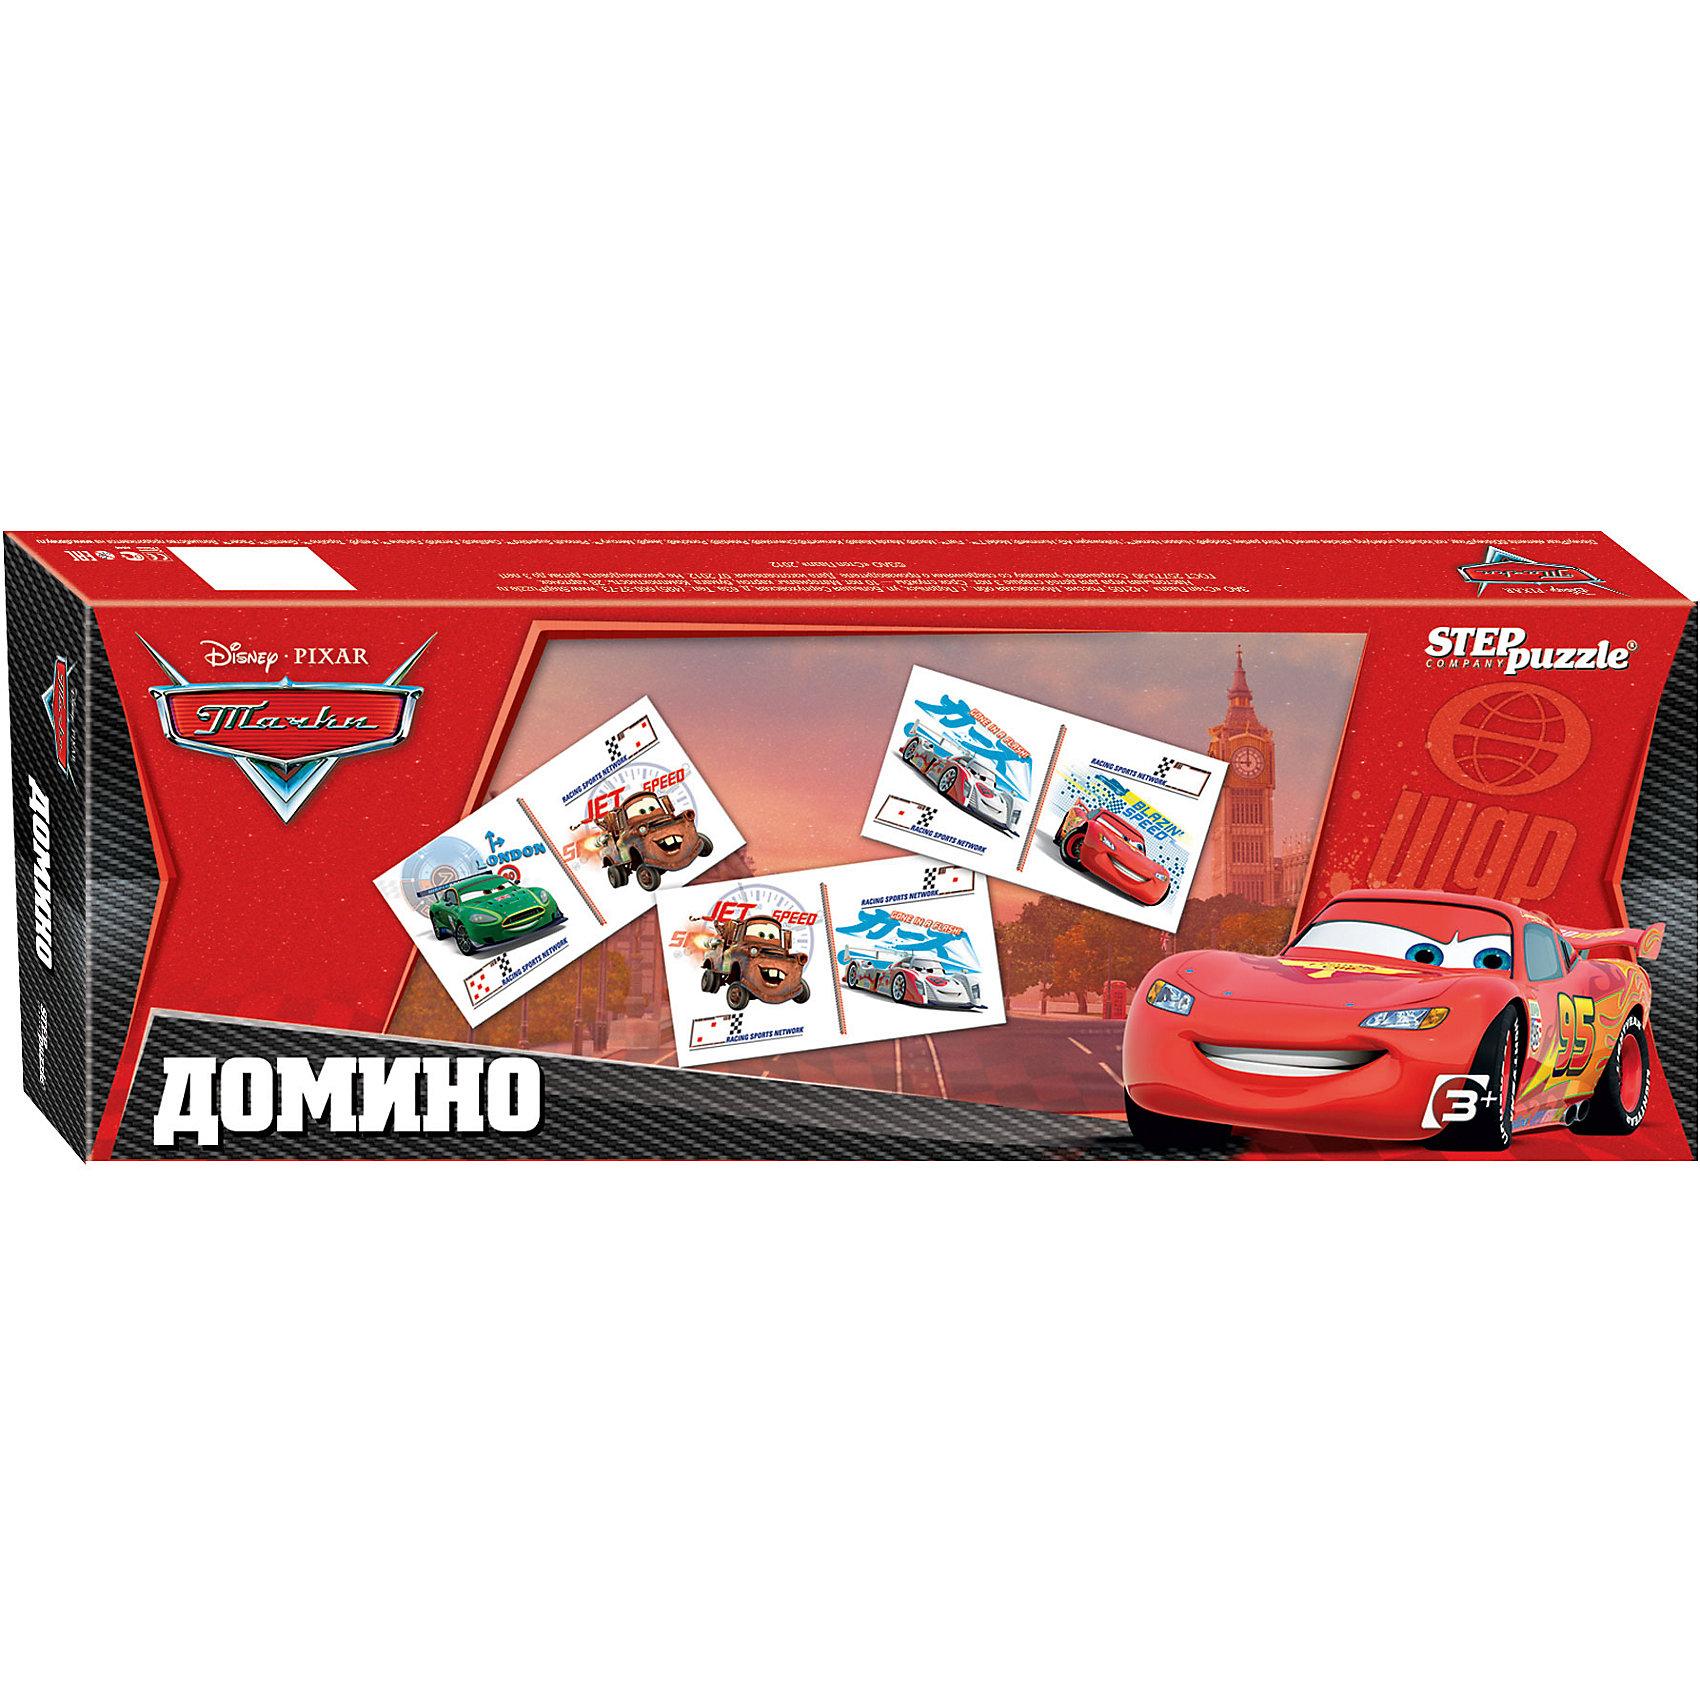 Домино Тачки, Step PuzzleДомино<br>Домино Тачки, Step Puzzle (Степ Пазл) – это классическая, всем известная игра с любимыми героями, в которую можно играть всей семьей.<br>Домино «Тачки» станет хорошим подарком для вашего ребенка. Герои любимого многими мальчиками мультфильма Тачки, изображенные на качественных картонных карточках, увлекут малыша в веселый процесс игры. Домино формирует навыки аналитического мышления, сосредоточенность, логику, память и внимание.<br><br>Дополнительная информация:<br><br>- В комплекте: 28 карточек с любимыми героями мультсериала Тачки, правила игры<br>- Материал: картон<br>- Количество игроков: от 2 до 4 человек<br>- Упаковка: картонная коробка<br>- Размер упаковки: 360x35x125 мм.<br><br>Домино Тачки, Step Puzzle (Степ Пазл) можно купить в нашем интернет-магазине.<br><br>Ширина мм: 360<br>Глубина мм: 35<br>Высота мм: 125<br>Вес г: 400<br>Возраст от месяцев: 36<br>Возраст до месяцев: 84<br>Пол: Унисекс<br>Возраст: Детский<br>SKU: 4588248